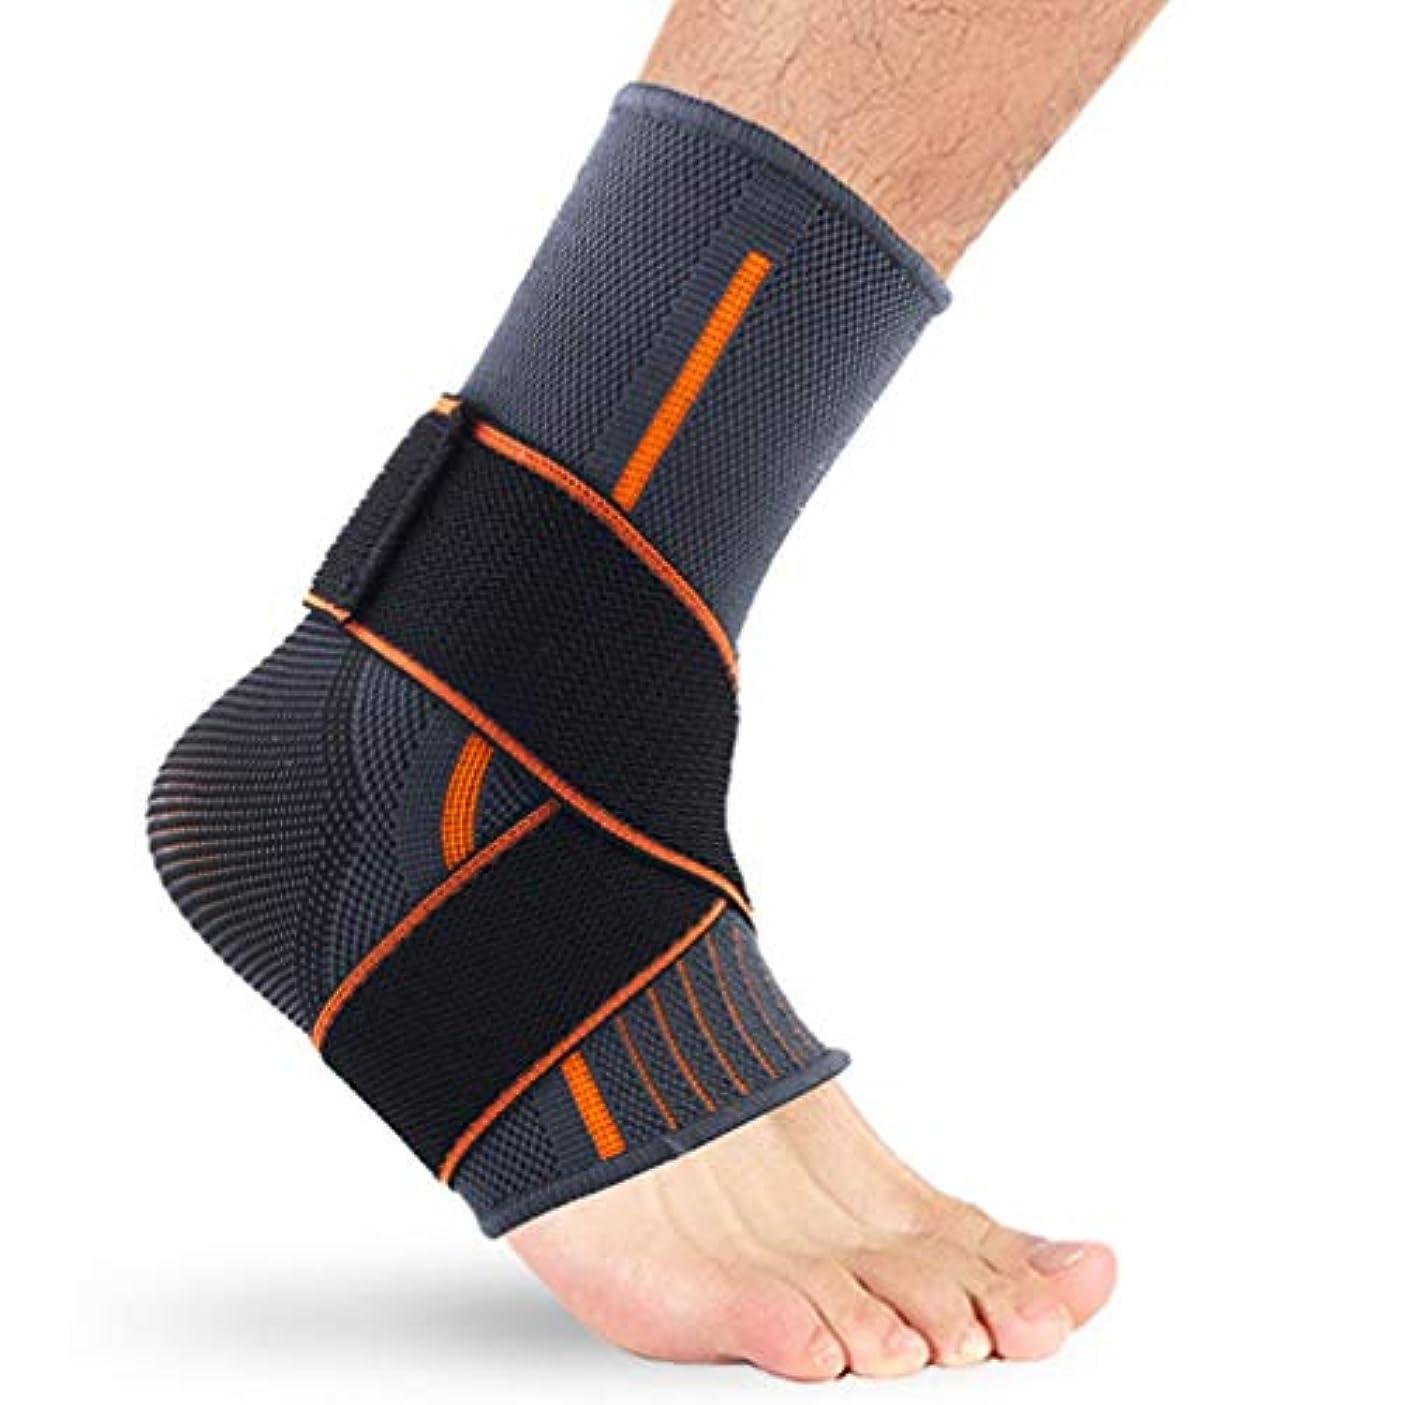 上院冗長二足首装具サポート、足装具安定装置、弾性スポーツ足首サポート快適なナイロン保護スポーツ足首装置